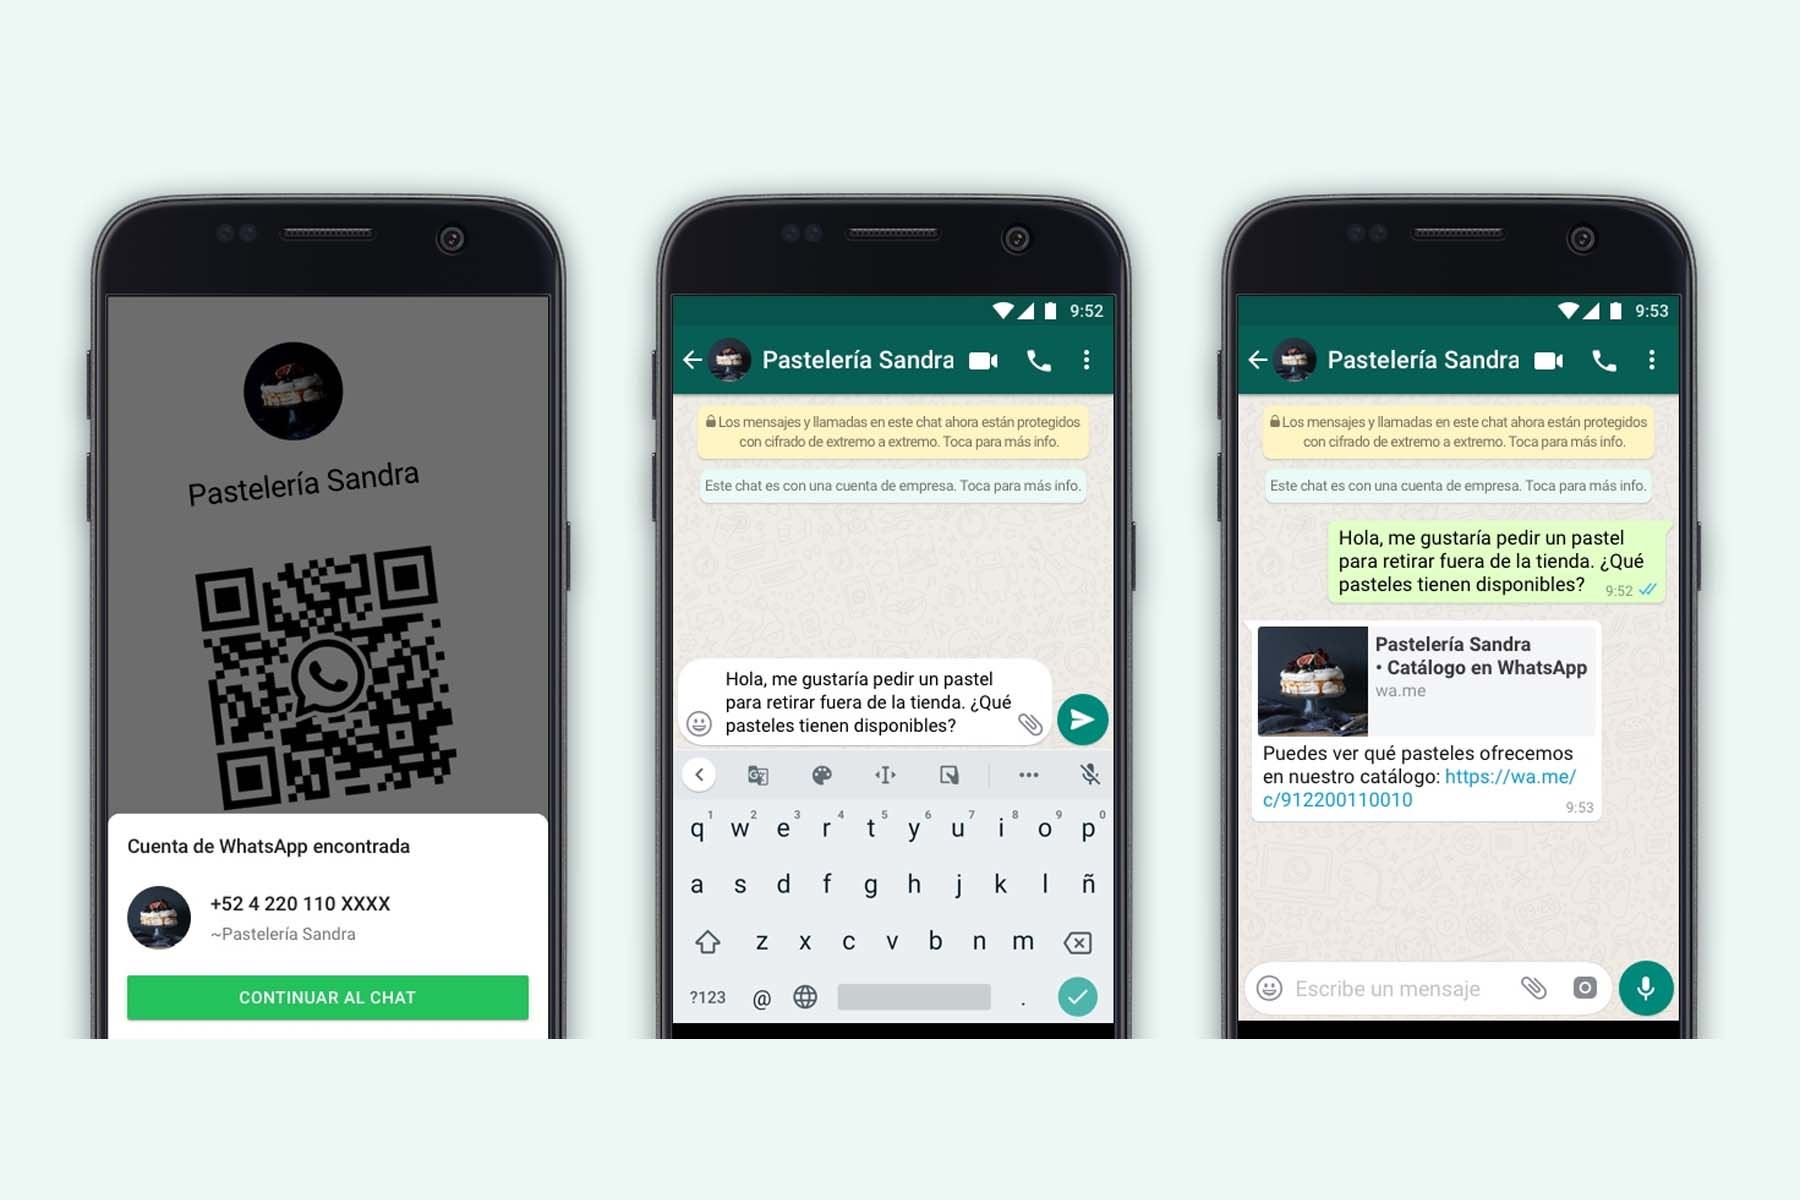 Ahora, para iniciar un chat, los usuarios pueden simplemente escanear el código QR que las empresas coloquen en sus tiendas, empaques de productos o recibos de compra.